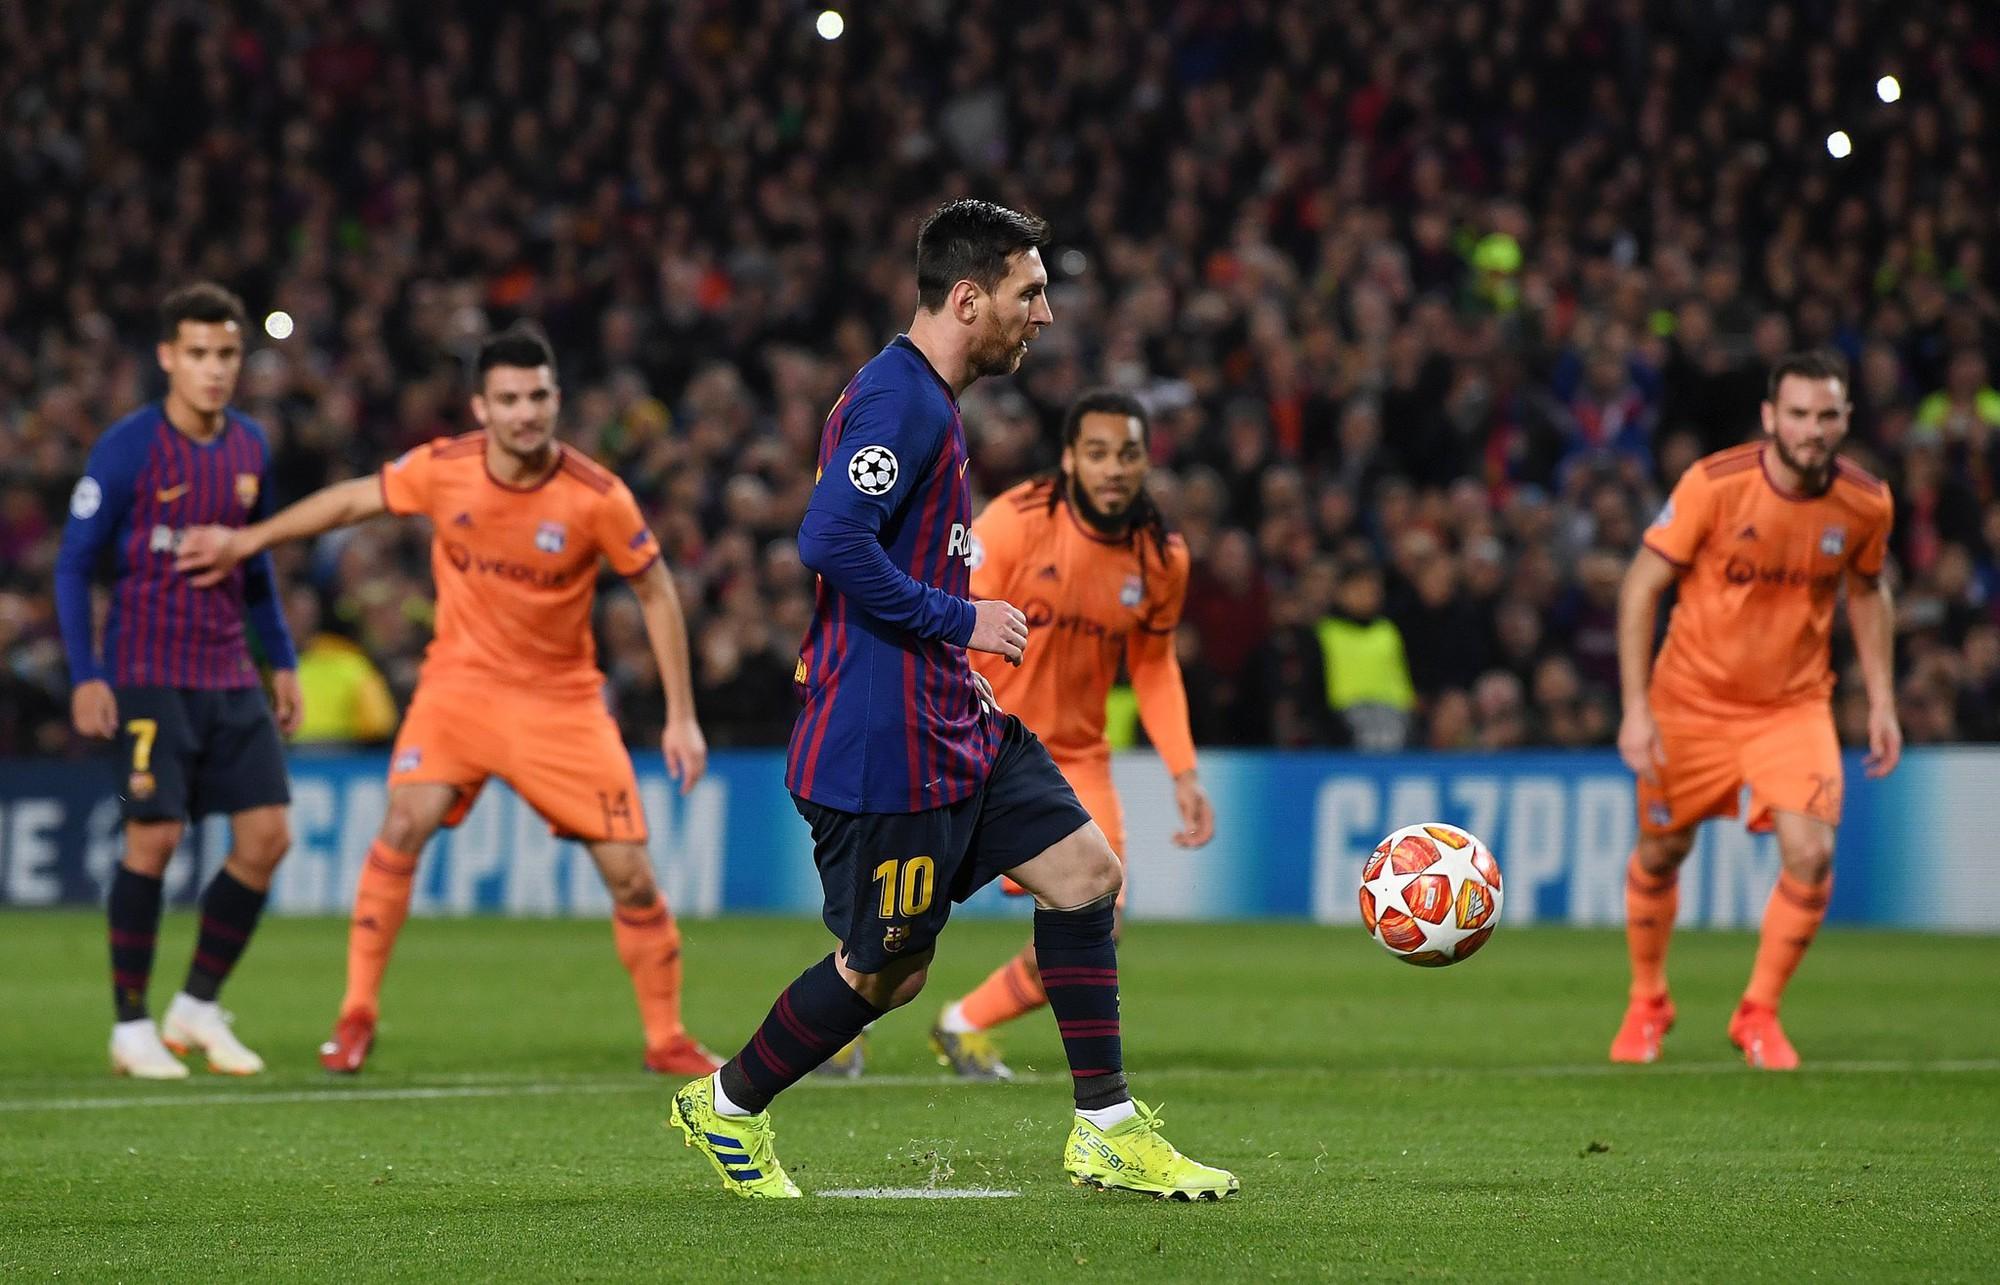 Ronaldo gọi, Messi trả lời: Bọ chét nguyên tử trình diễn phong độ thần thánh trong chiến thắng hủy diệt 5-1 trước Lyon (Pháp) - Ảnh 3.